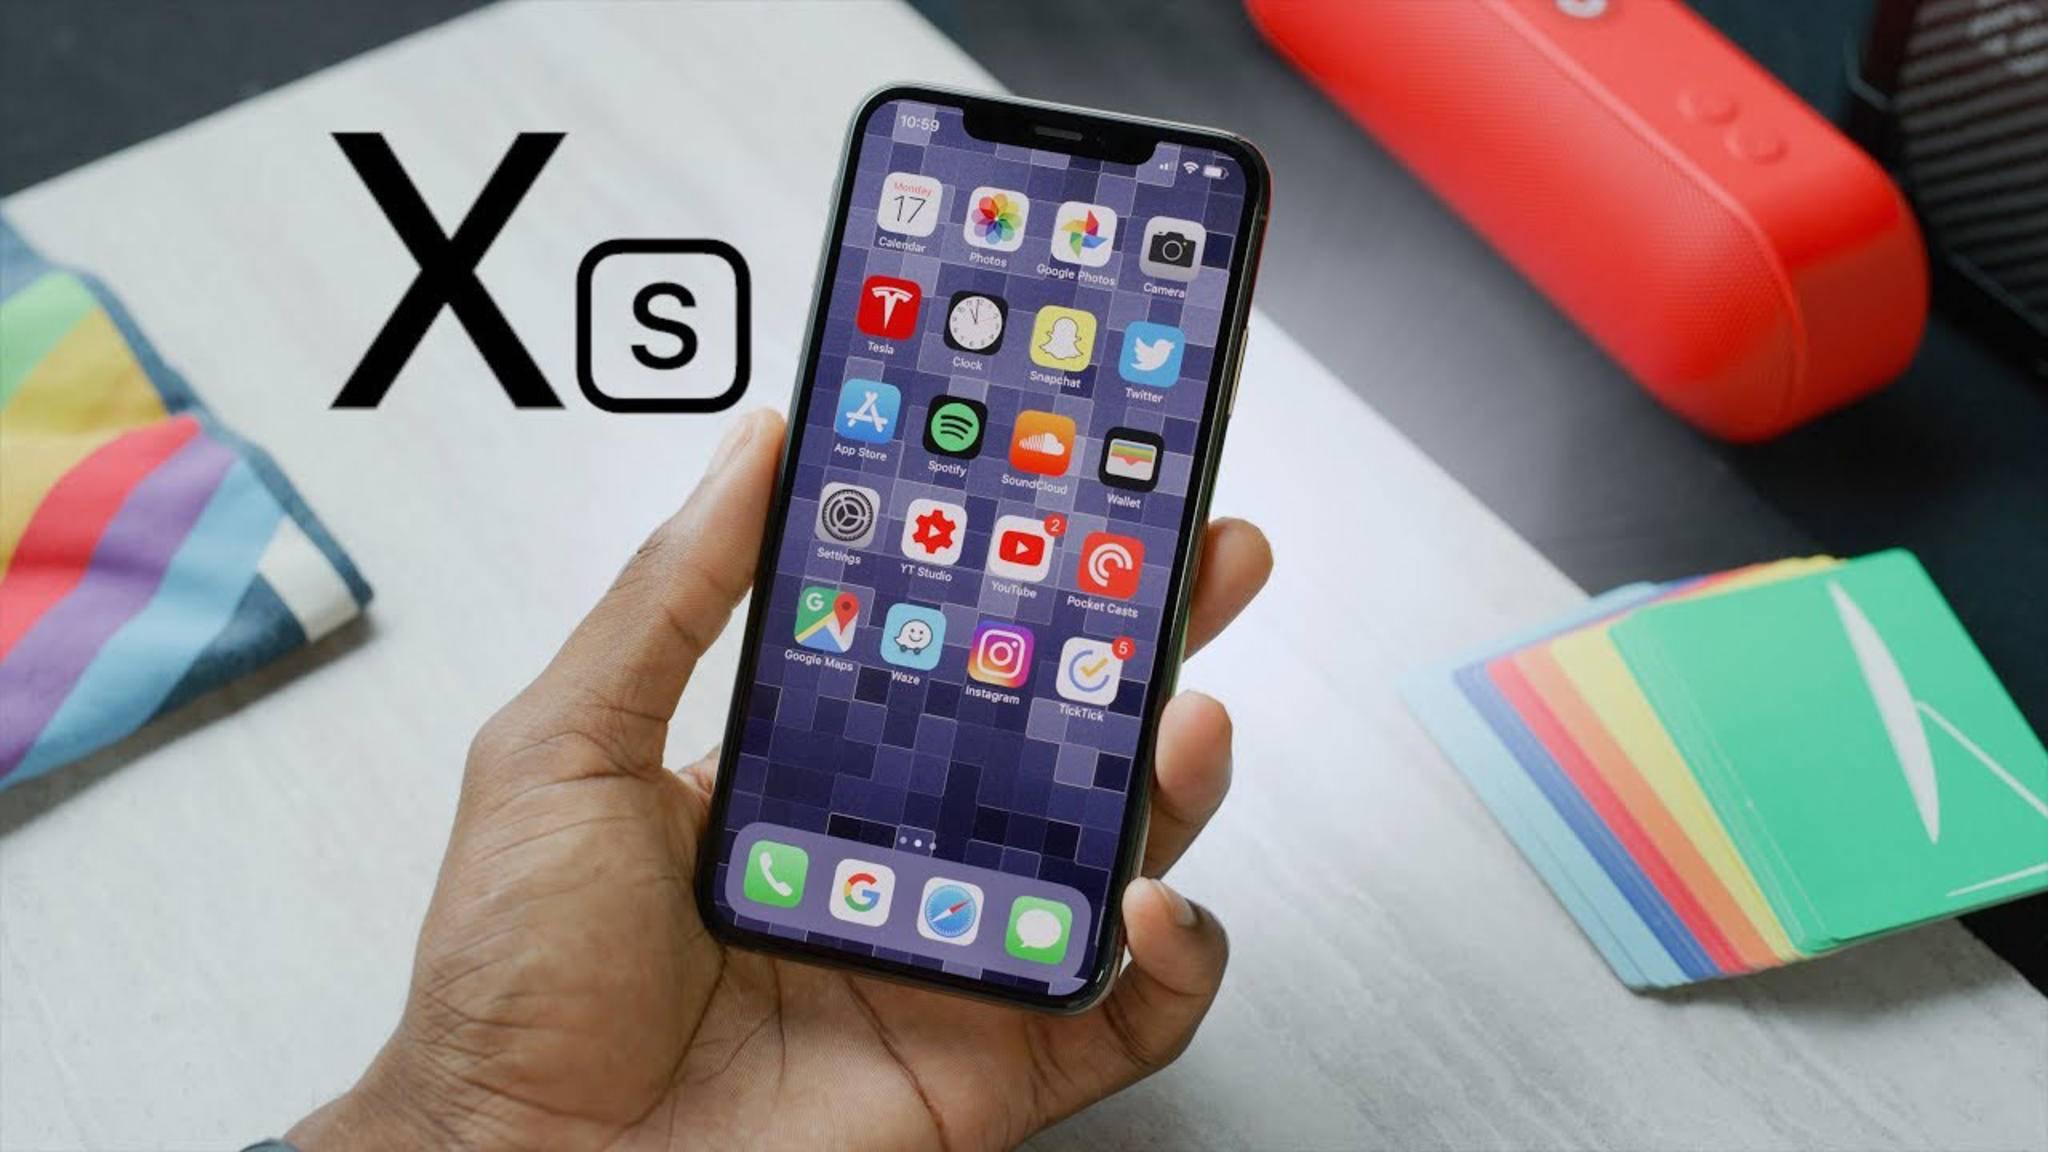 Traditionell starten eine Woche vor Release der neuen iPhones die Vorbestellungen.